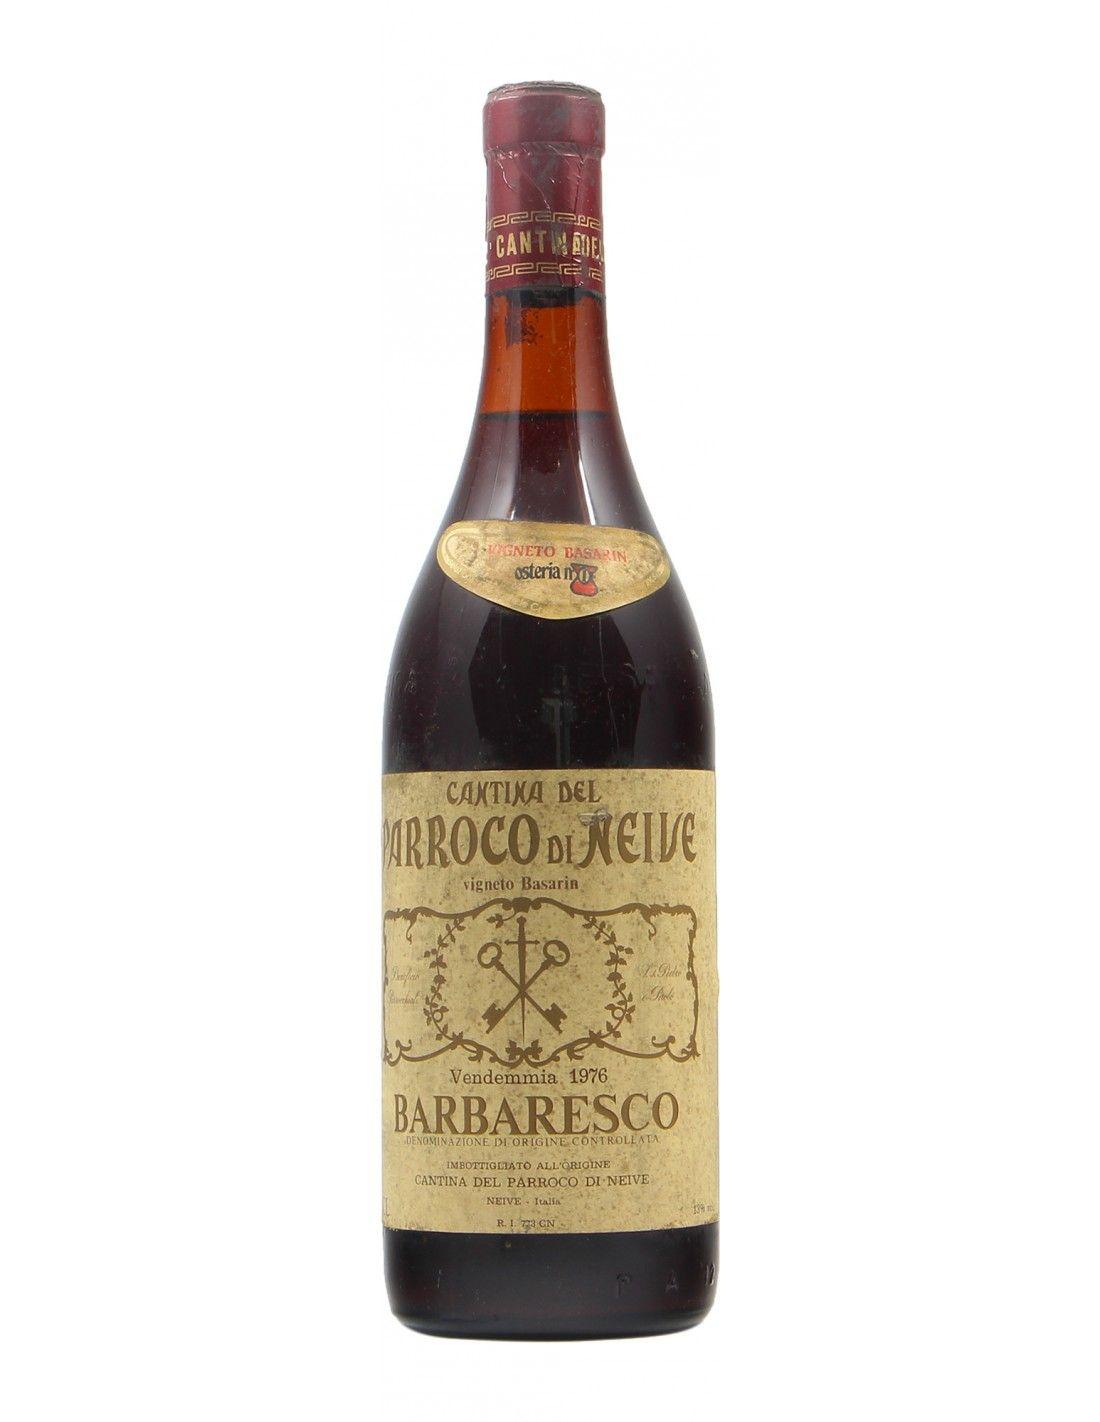 BARBARESCO VIGNETO DEL BASARIN 1976 CANTINA DEL PARROCO DI NEIVE Grandi Bottiglie